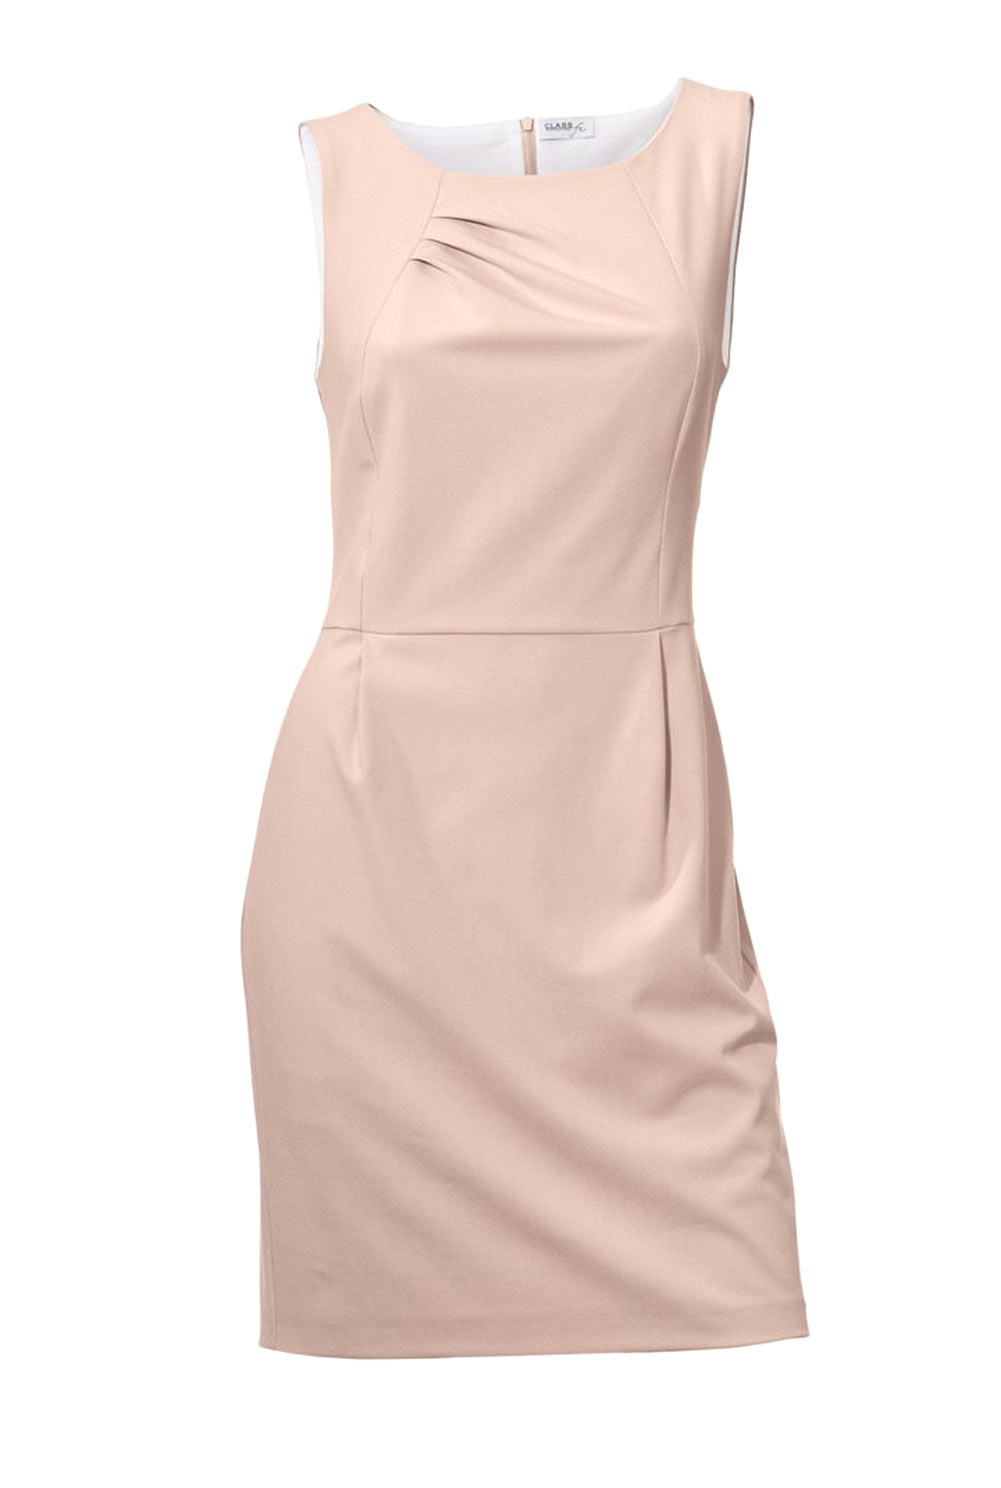 business kleider für damen CLASS INTERNATIONAL Damen-Optimizer-Etuikleid Rosé 108.445 Missforty